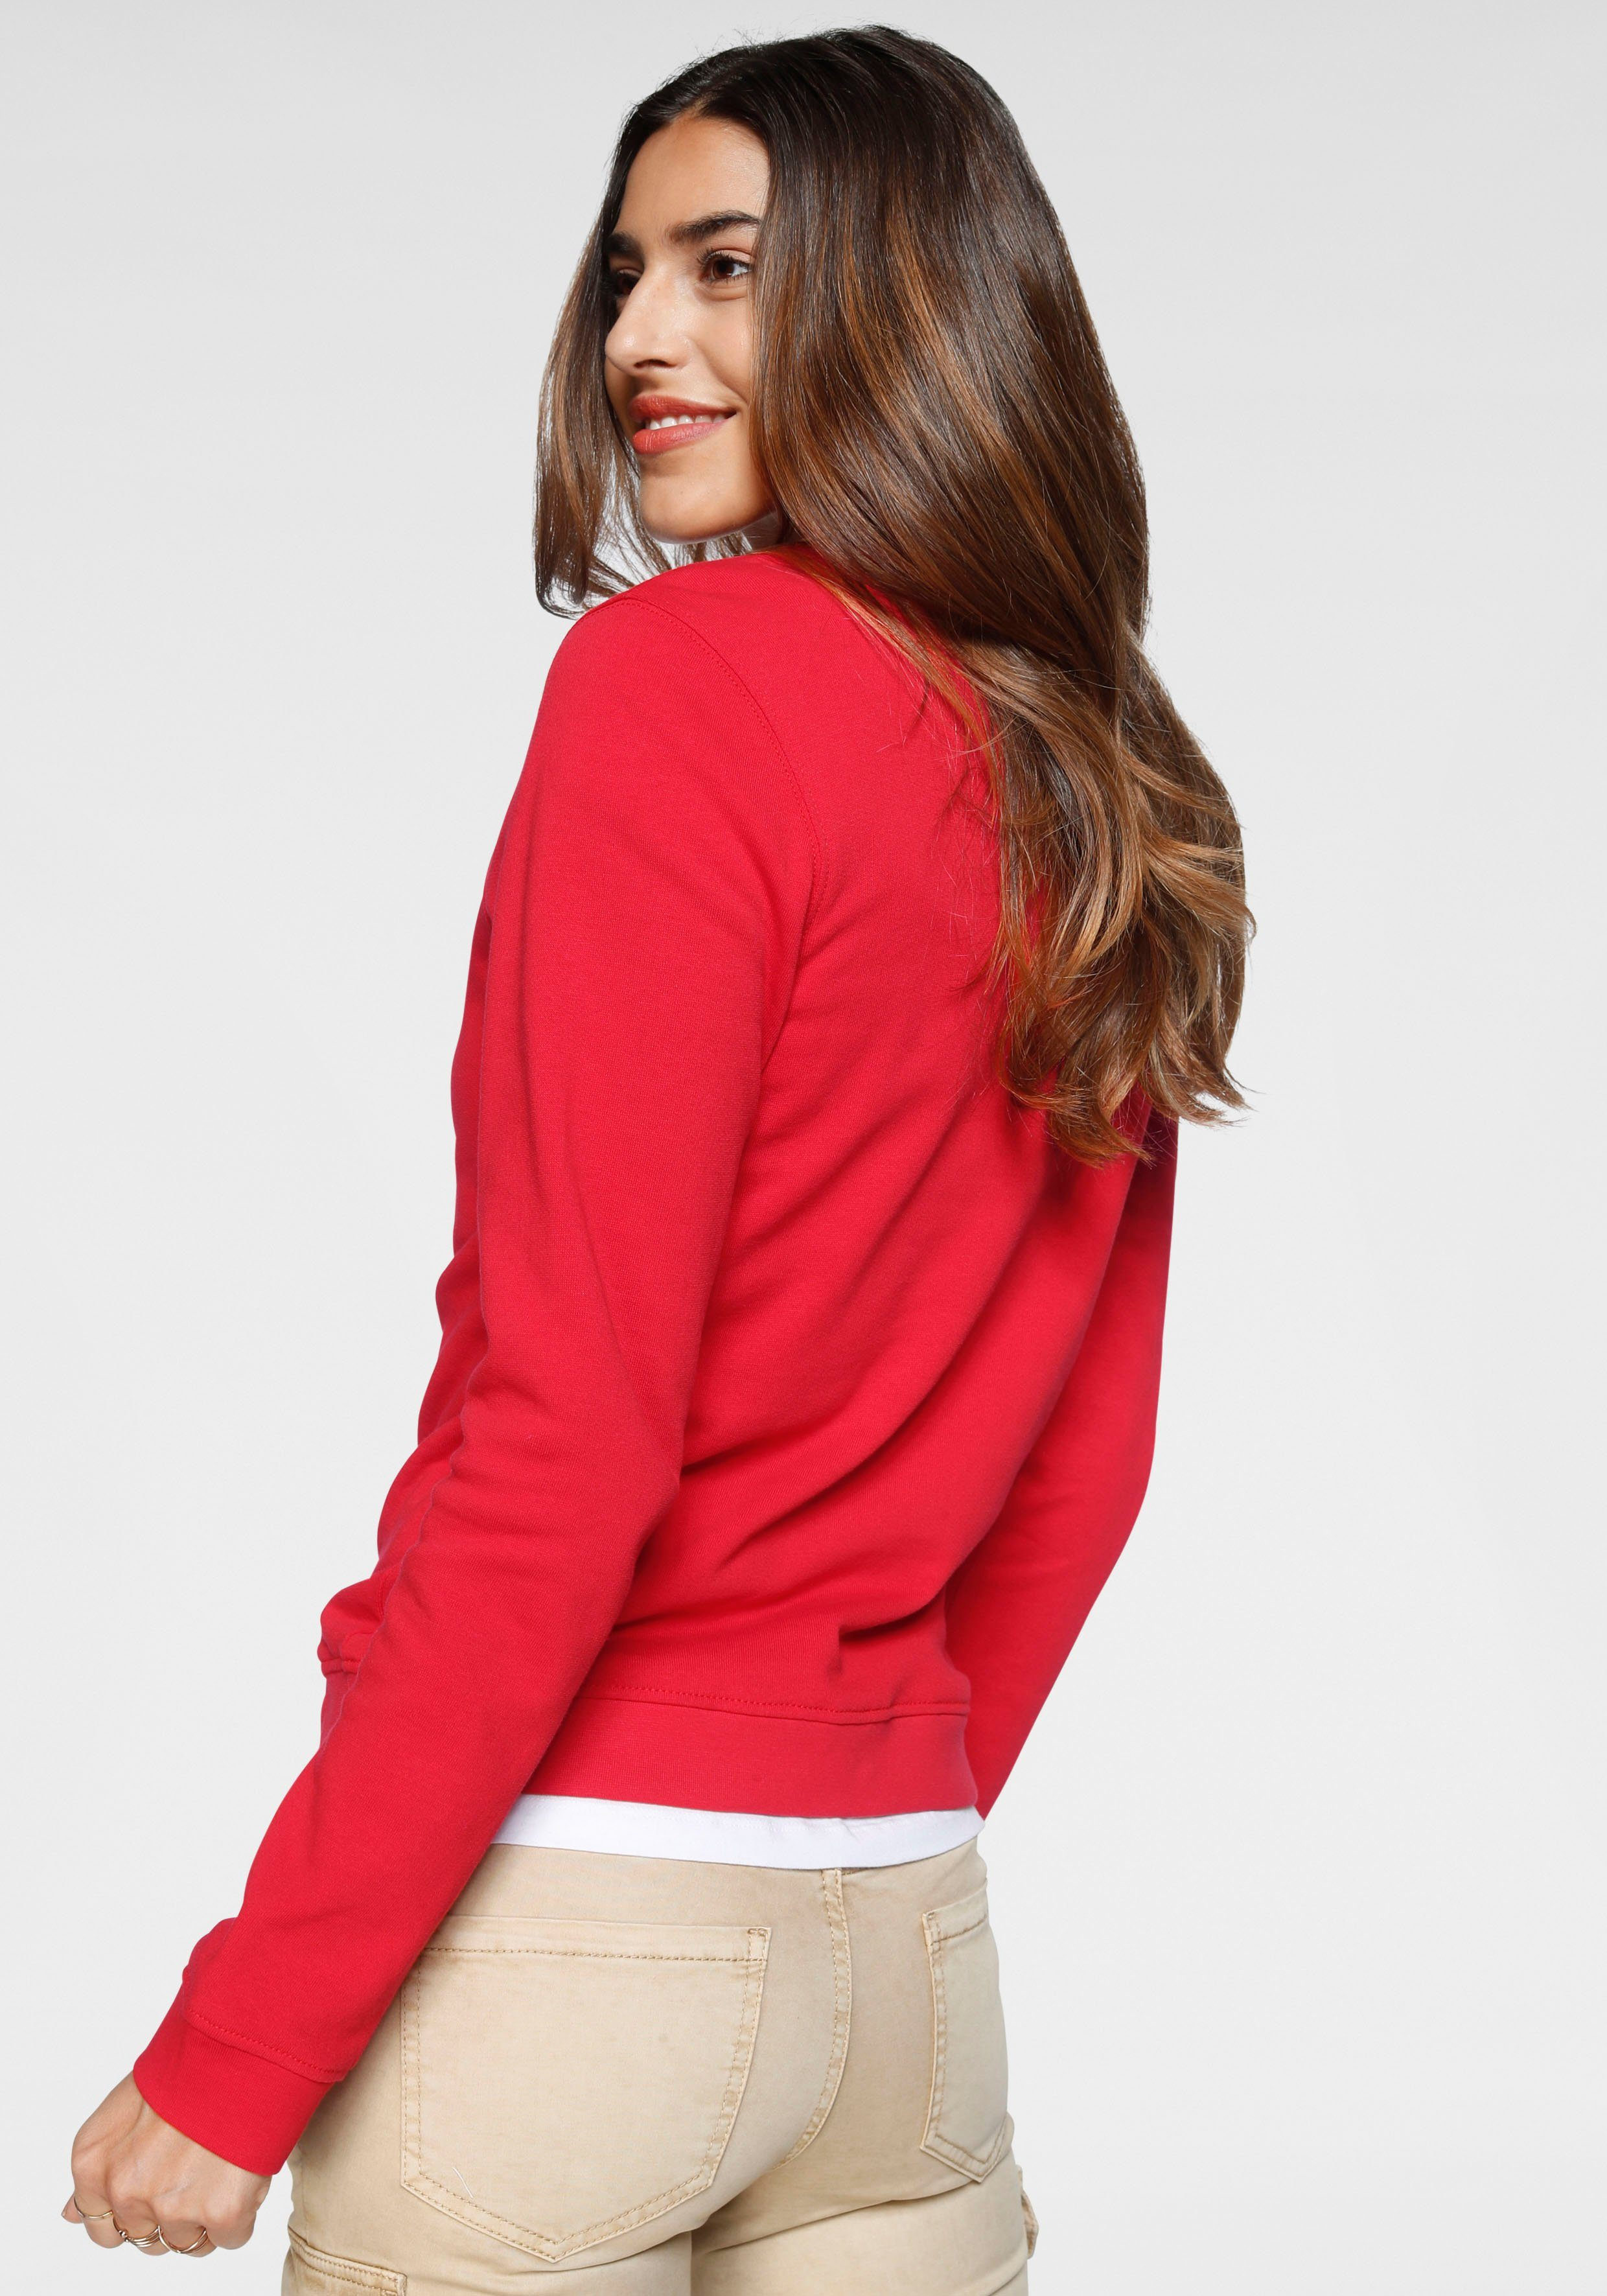 Tom Tailor Polo Team Sweatshirt (set, 2-tlg., Mit T-shirt) Online Kaufen